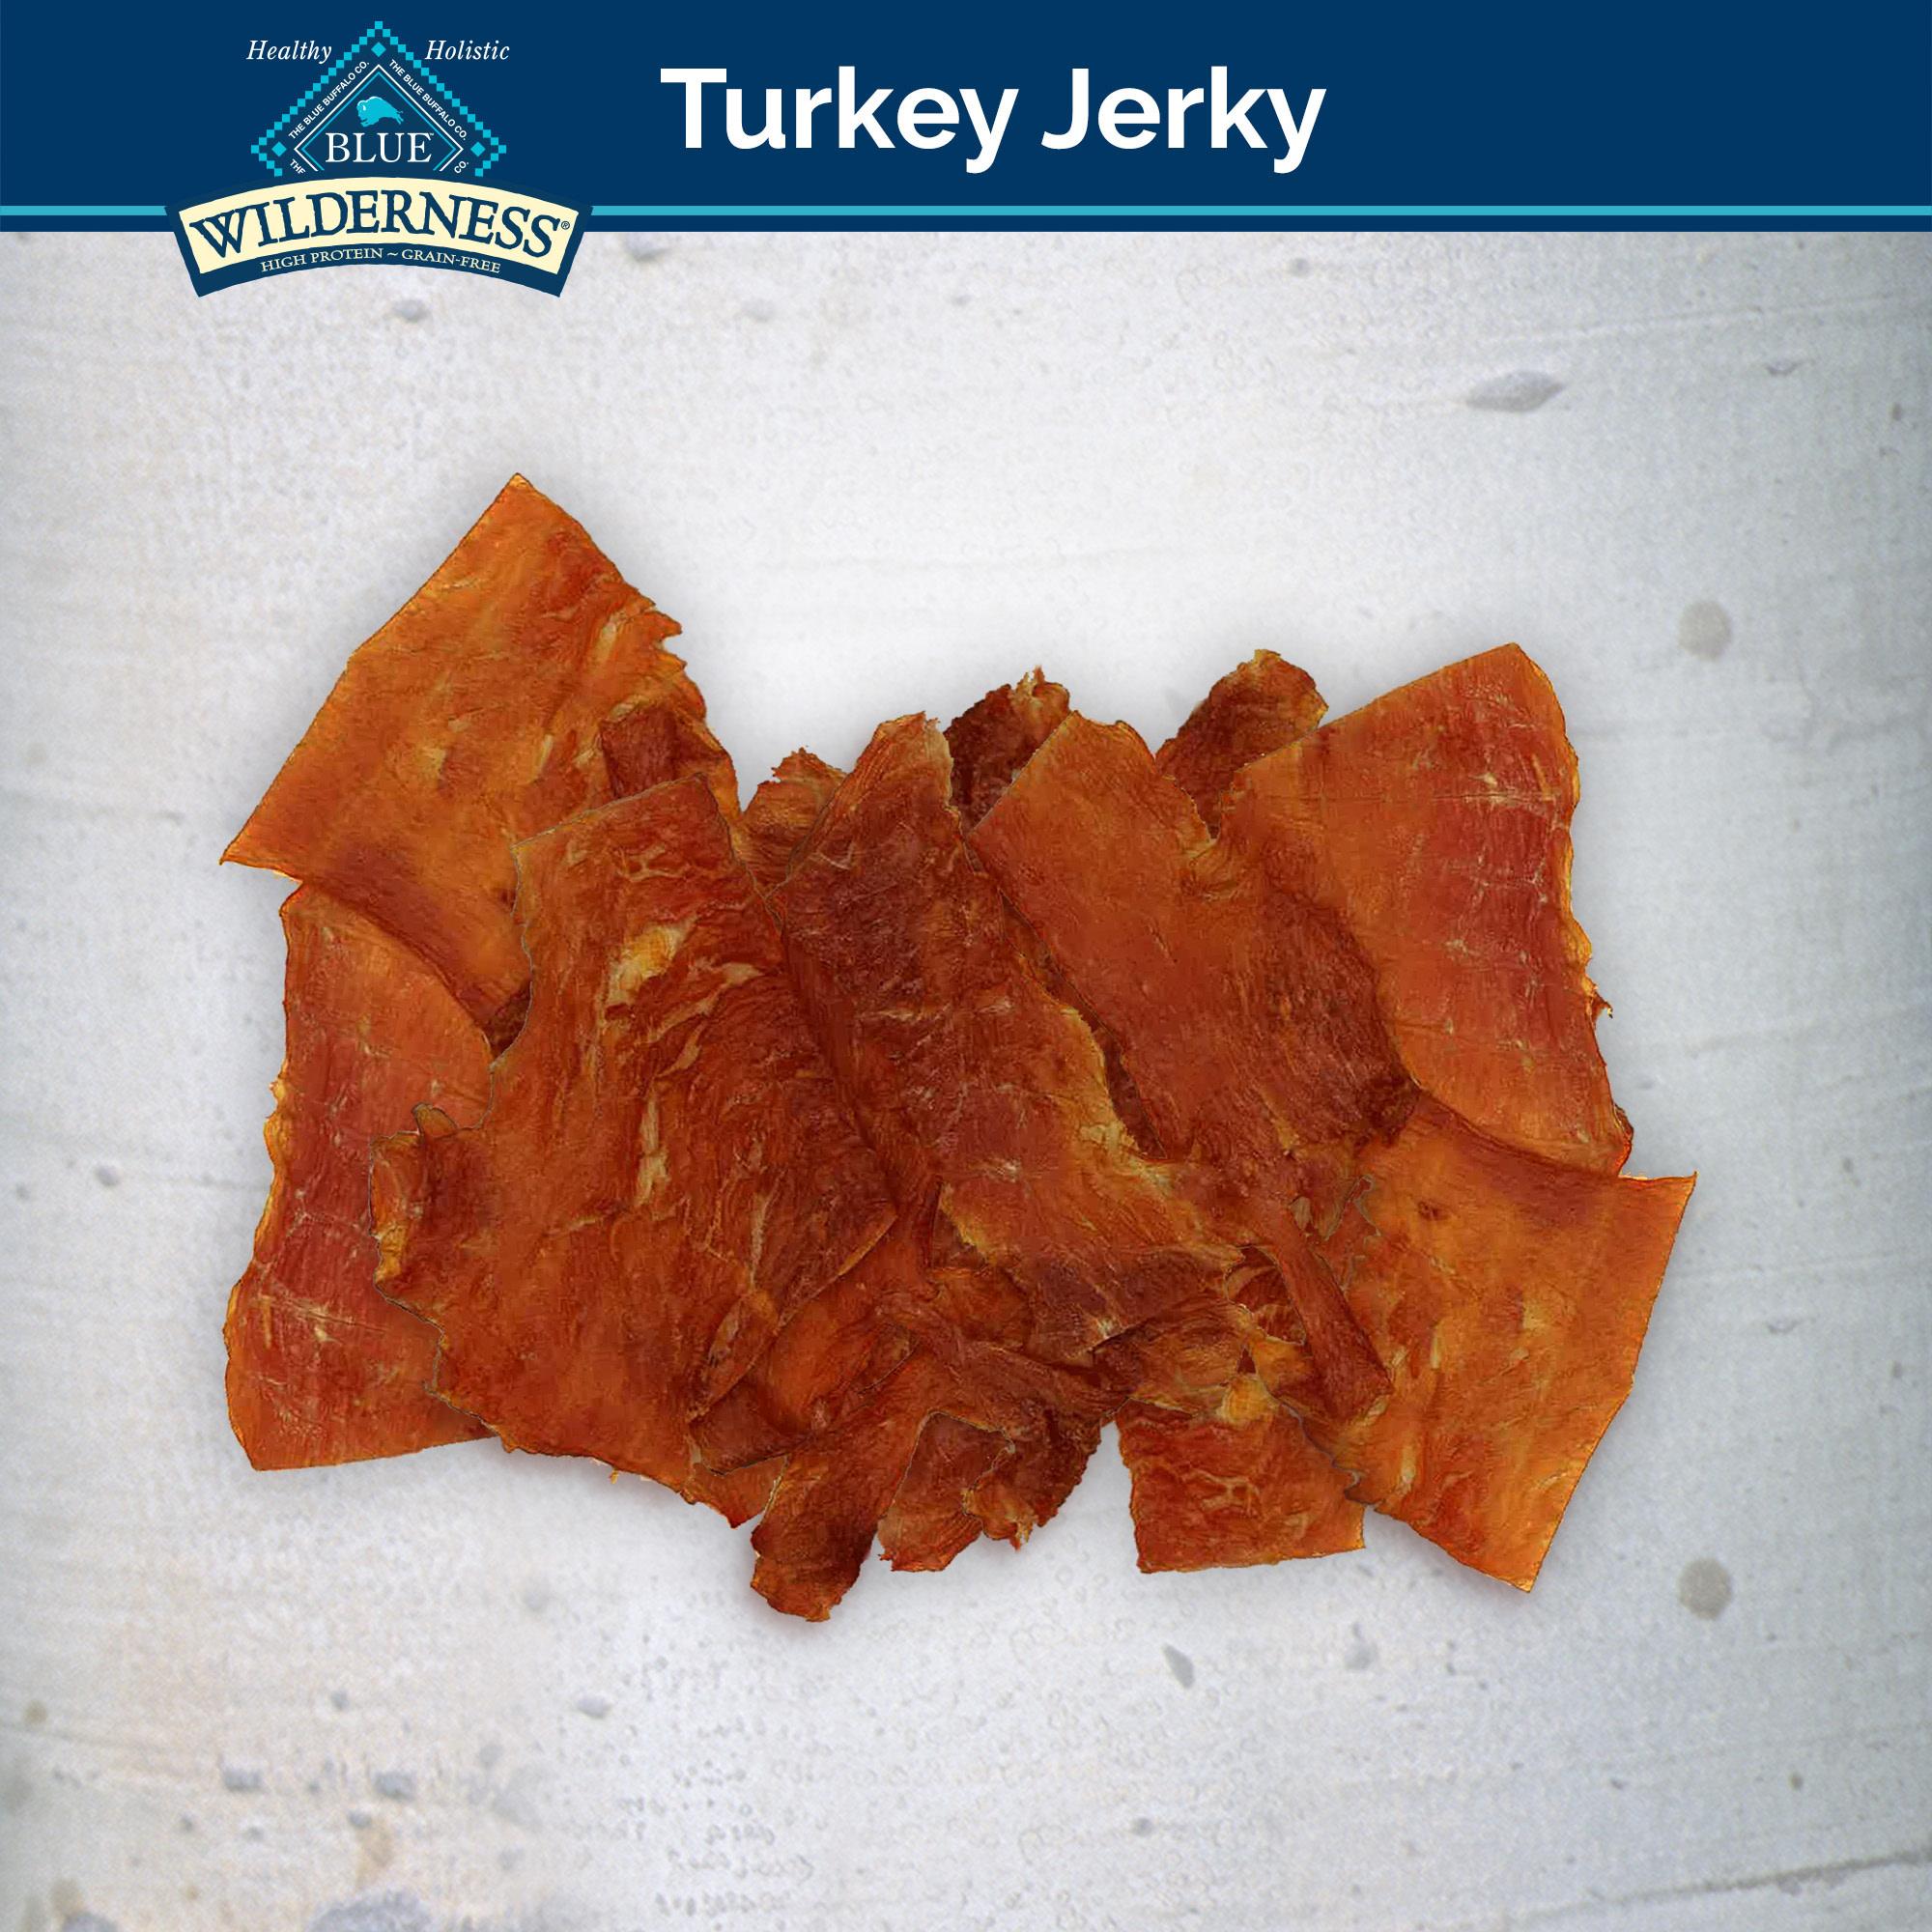 Blue Buffalo Blue Wilderness Turkey Jerky 3.25 oz